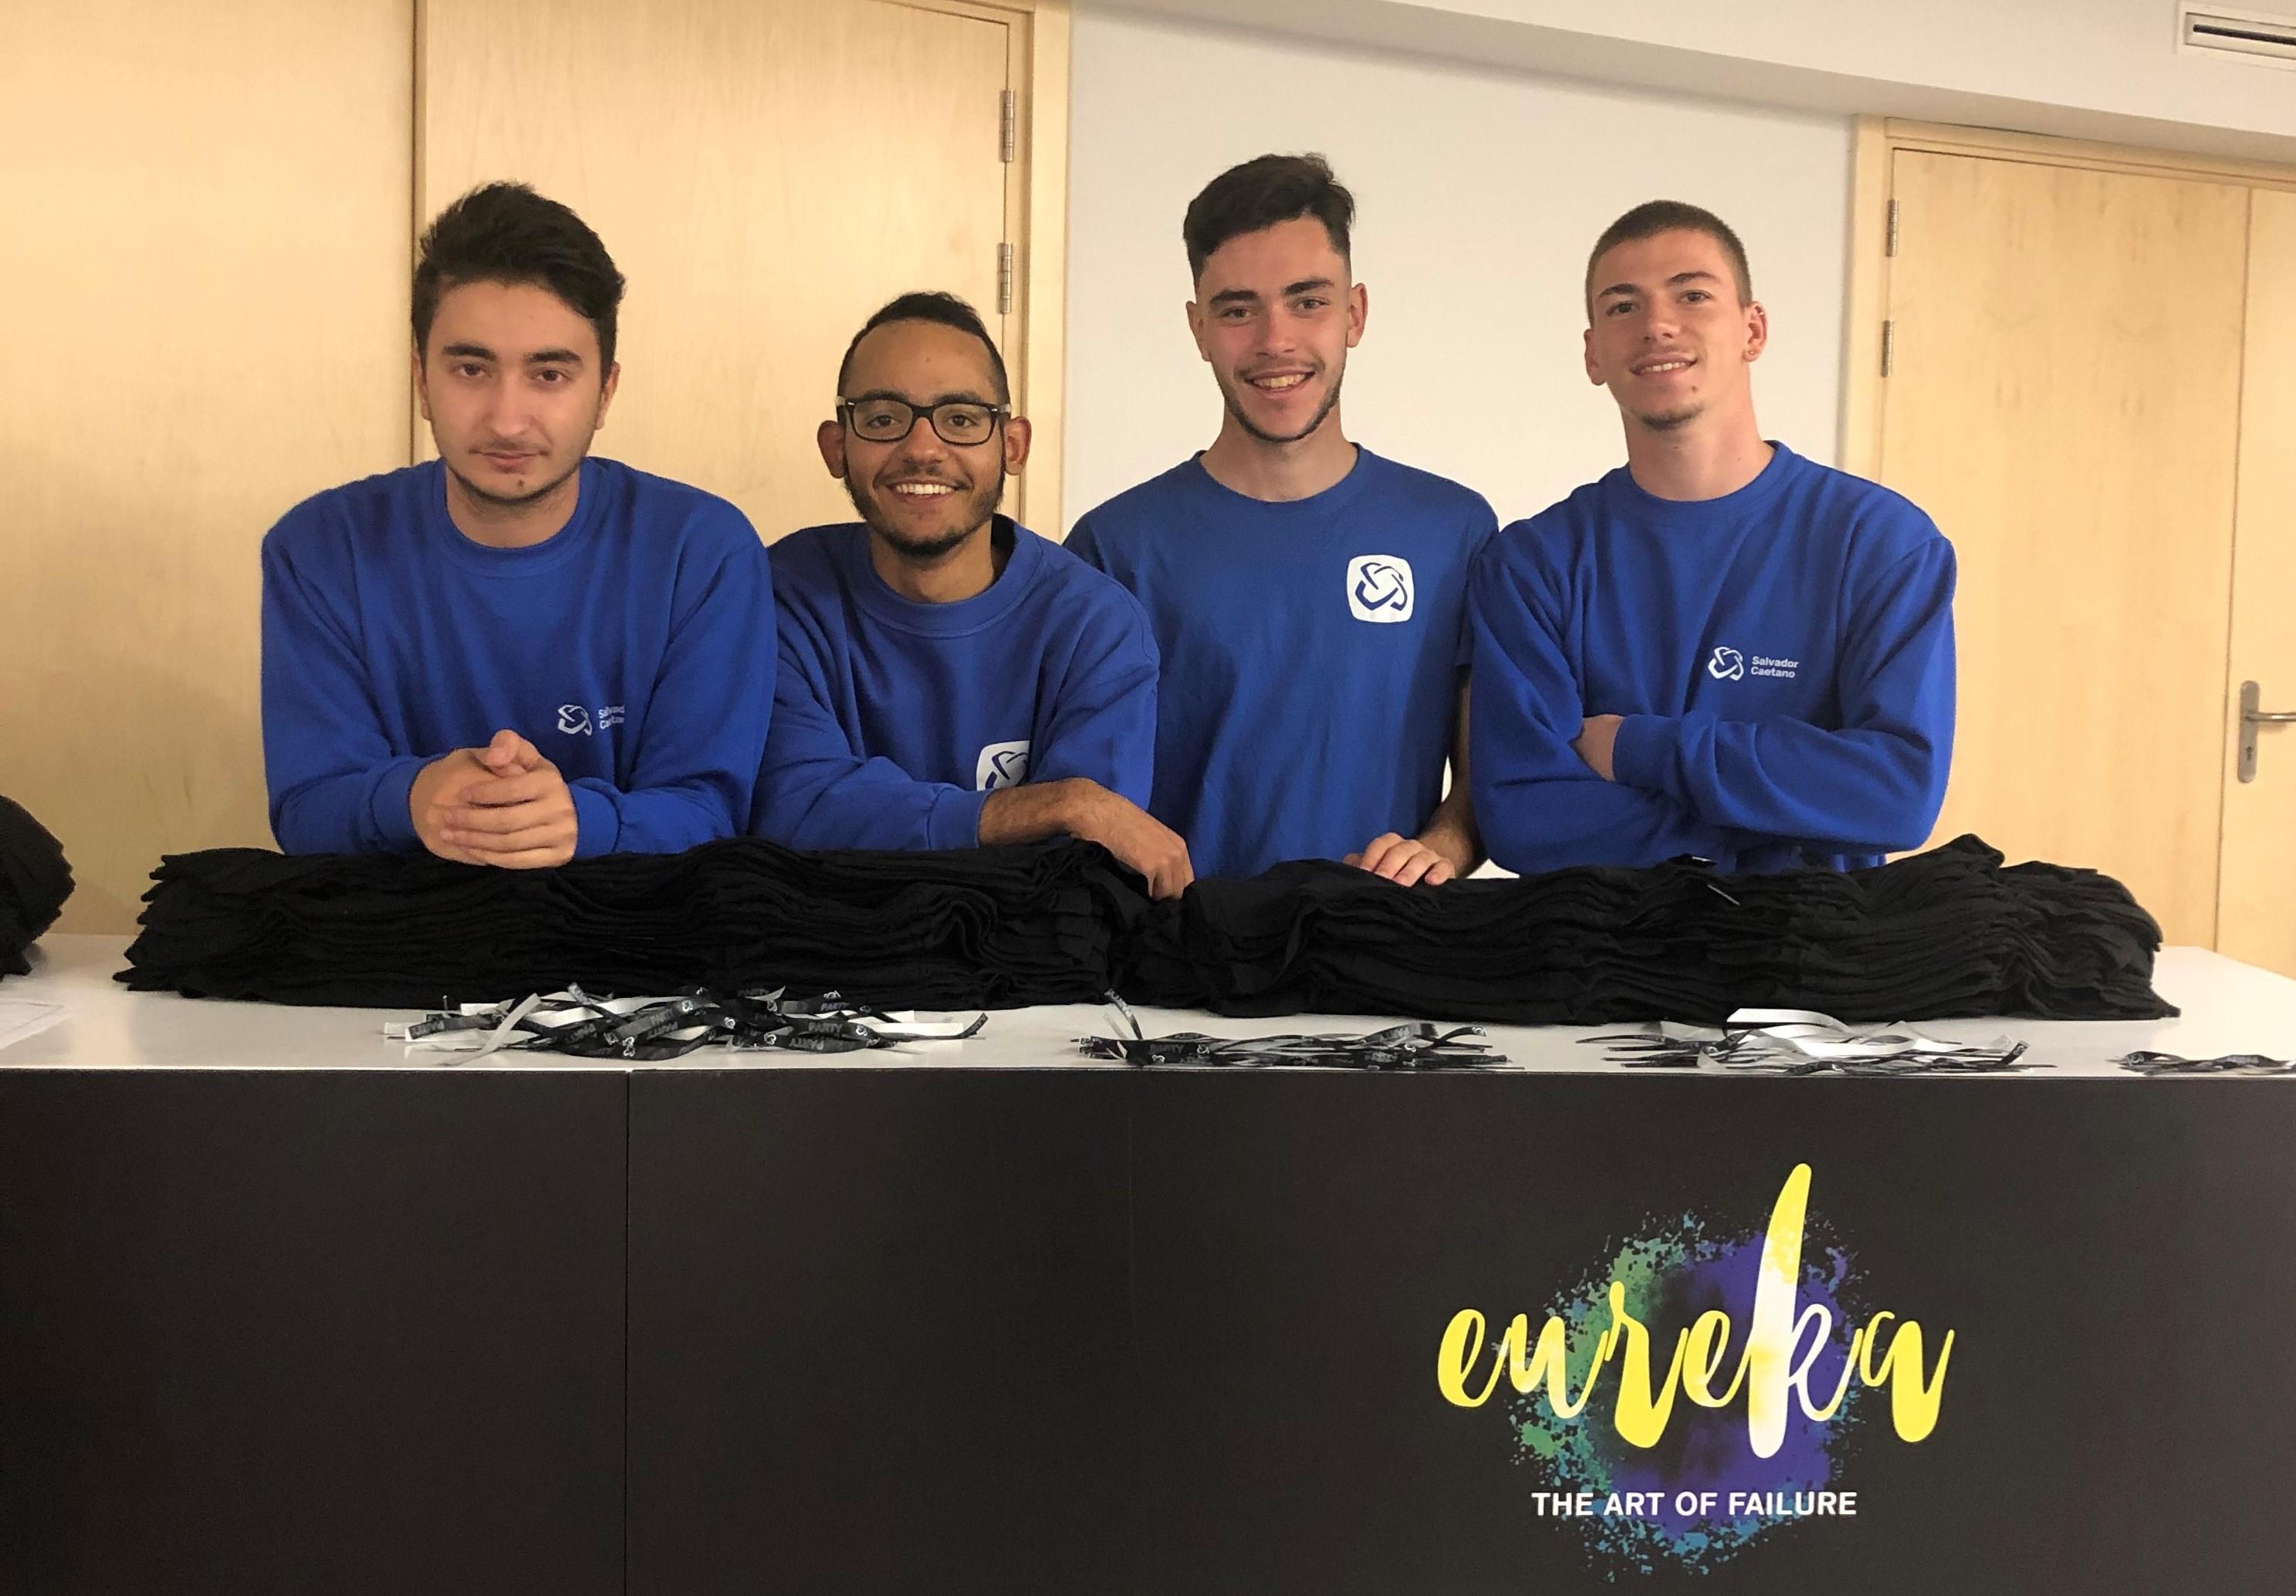 Formandos participam na Convenção de Quadros 2019 do Grupo Salvador Caetano